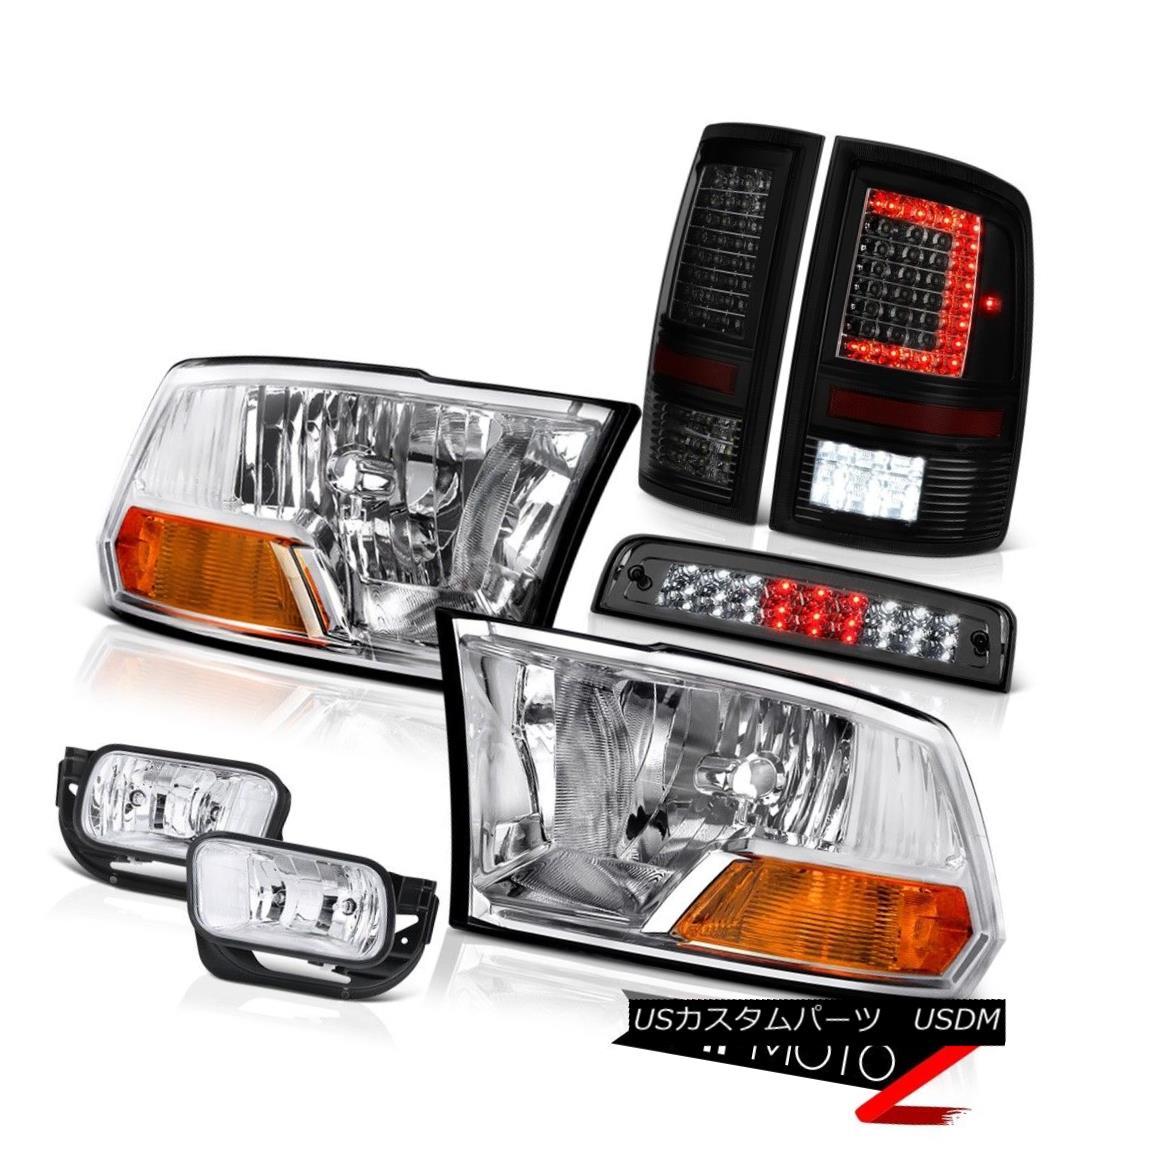 テールライト 2009-2013 Dodge RAM 1500 Tail Lamp Driving Light Brake Factory Style Headlamp 2009-2013ダッジRAM 1500テールランプライト・ライト・ブレーキ工場スタイルヘッドライト